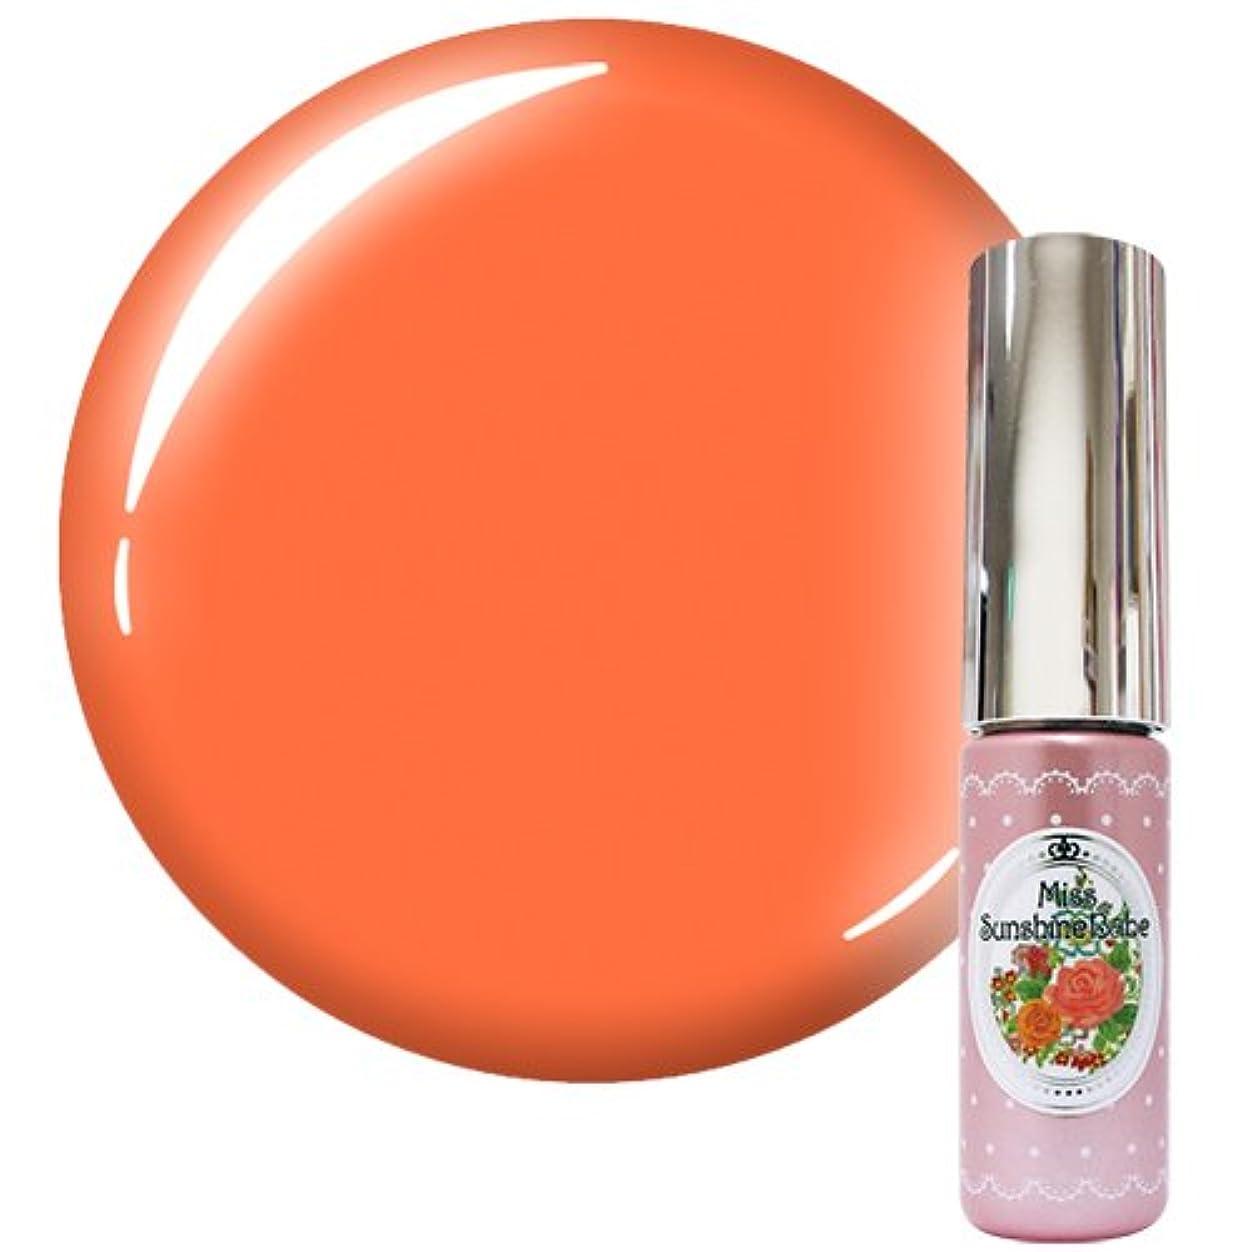 豊かなテレビ局瞑想的Miss SunshineBabe ミス サンシャインベビー カラージェル MC-33 5g サマーパステルオレンジ